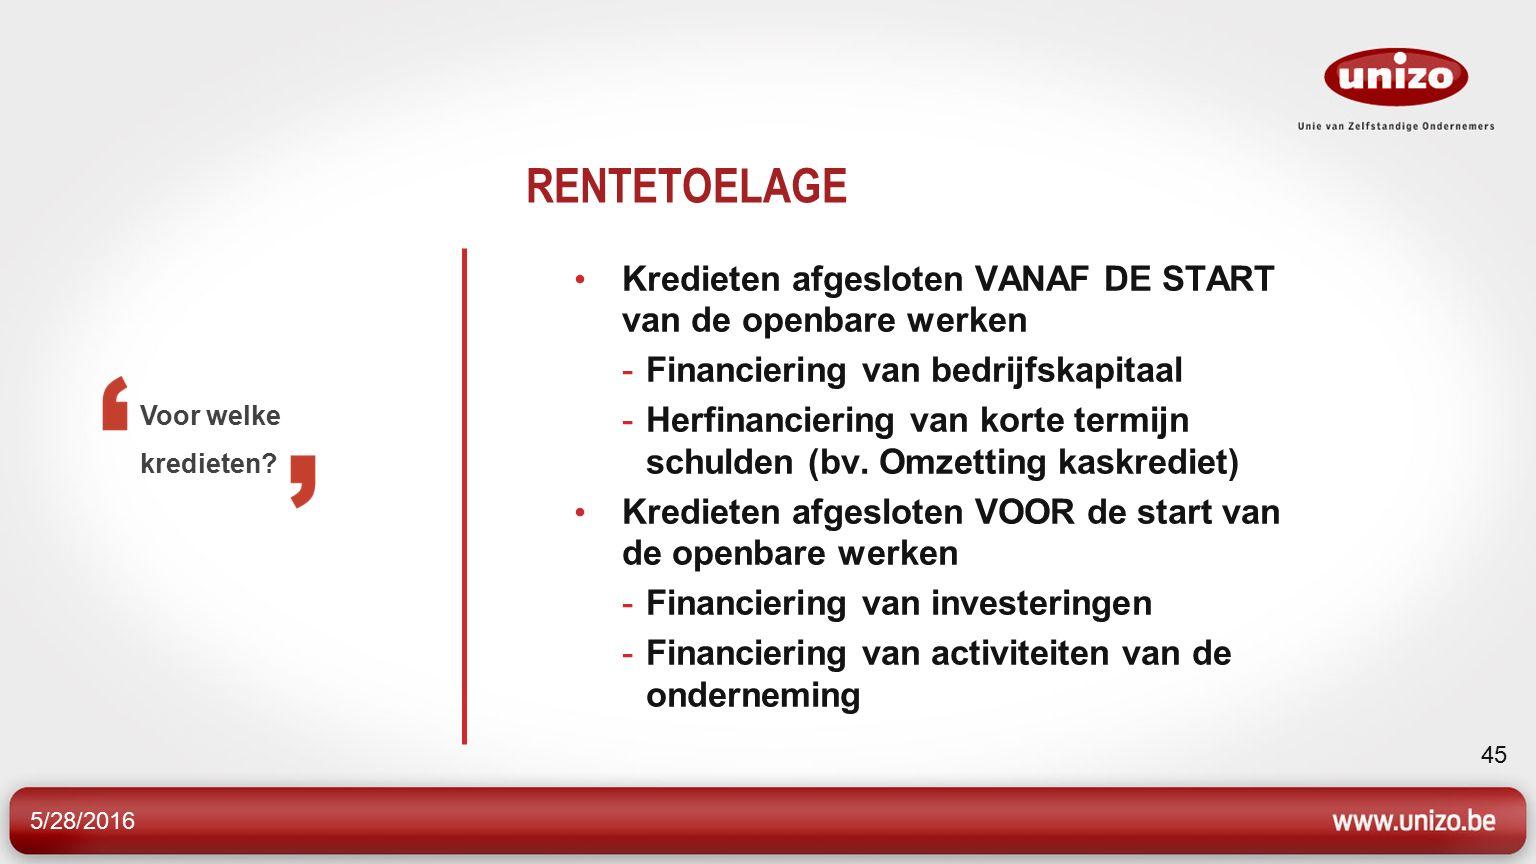 5/28/2016 45 RENTETOELAGE Kredieten afgesloten VANAF DE START van de openbare werken -Financiering van bedrijfskapitaal -Herfinanciering van korte termijn schulden (bv.